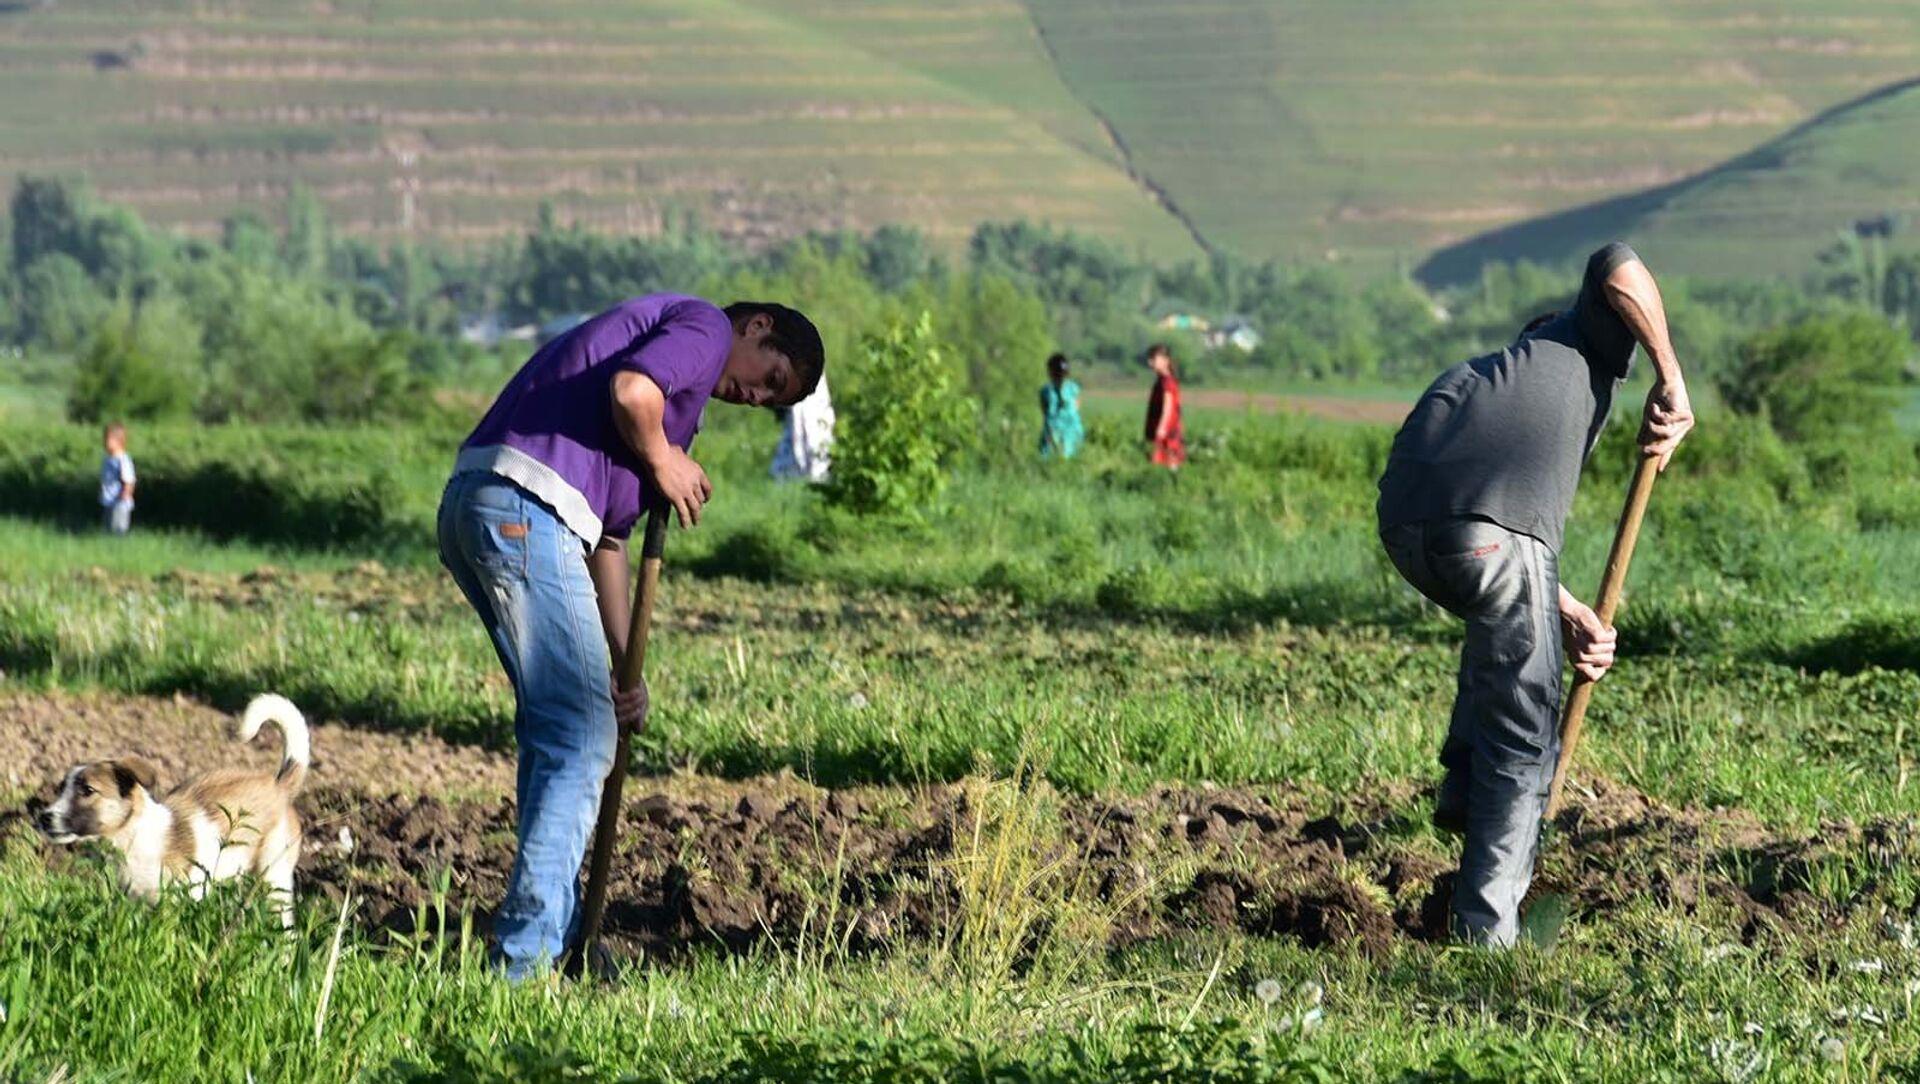 Кишлак в Таджикистане: мужчины на заработанные в трудовой миграции деньги смогли приобрести земельные участки - Sputnik Таджикистан, 1920, 10.02.2021